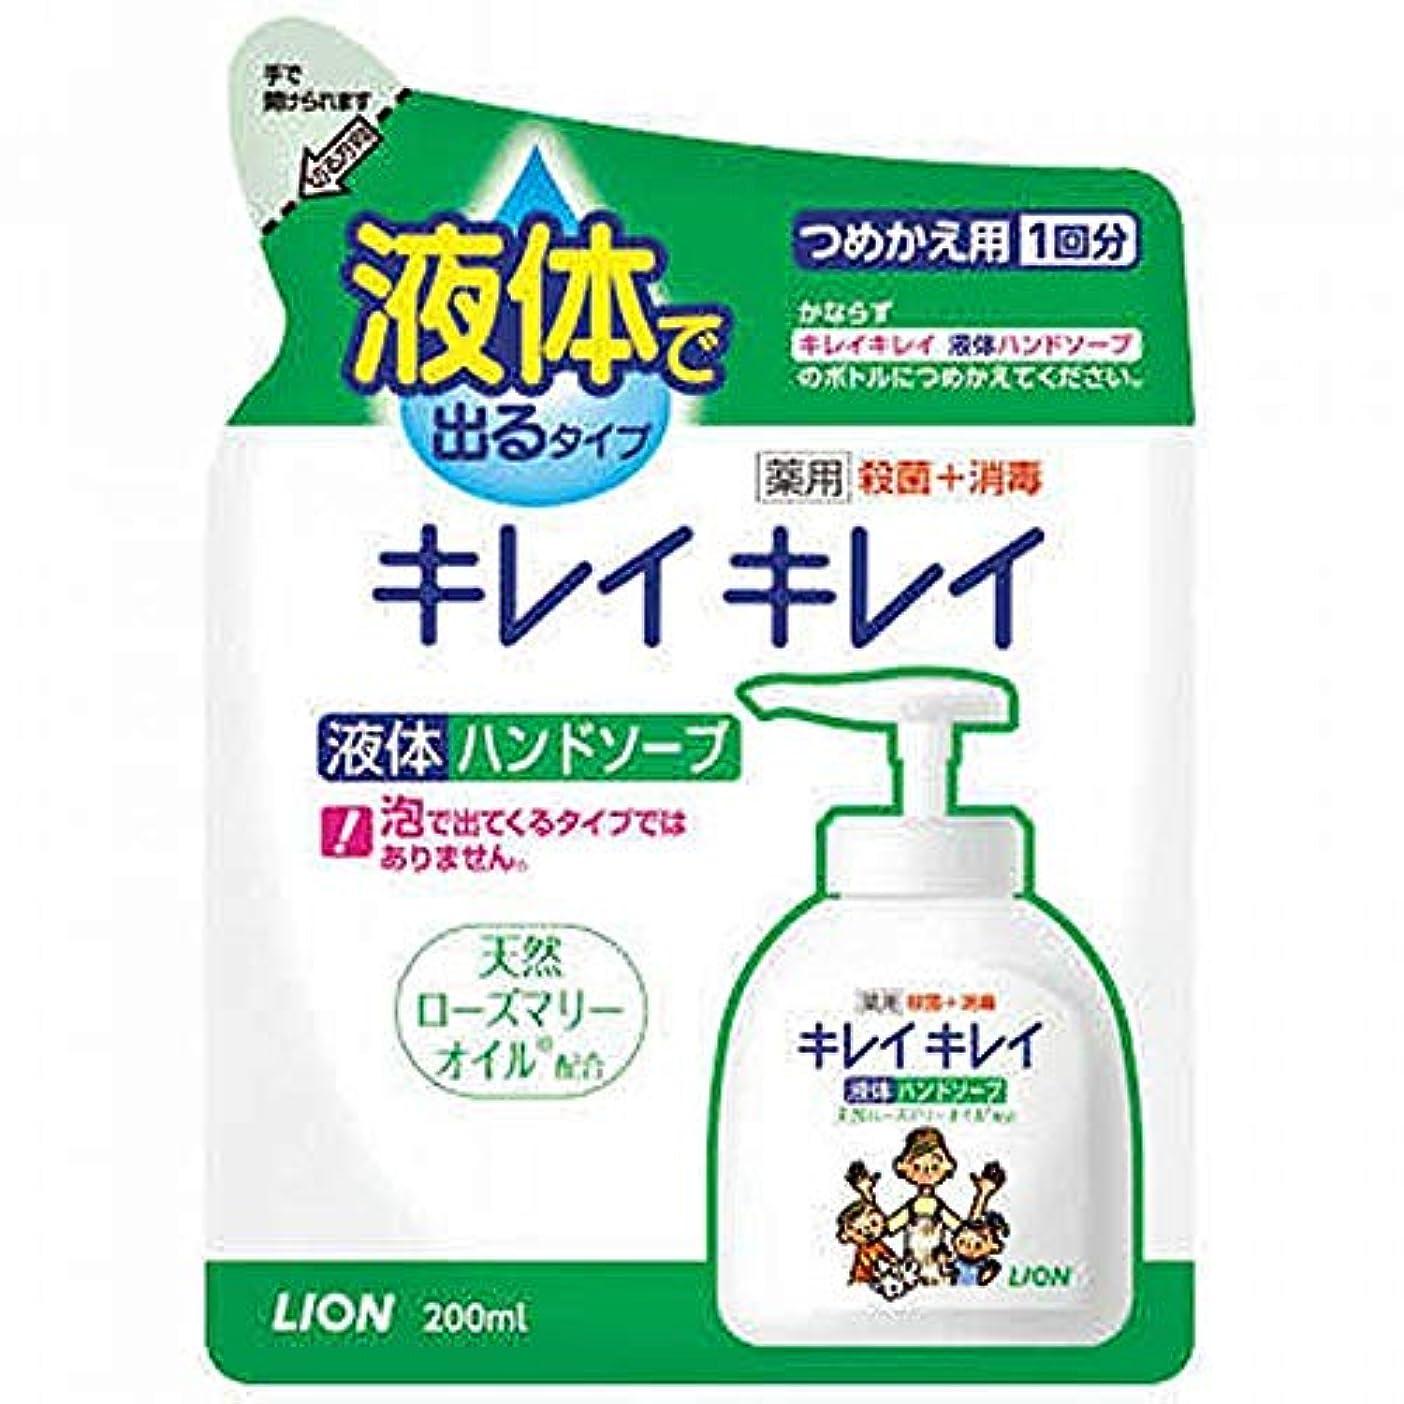 効果的に剣休憩ライオン キレイキレイ 薬用液体ハンドソープ 詰替 200ml ×2セット